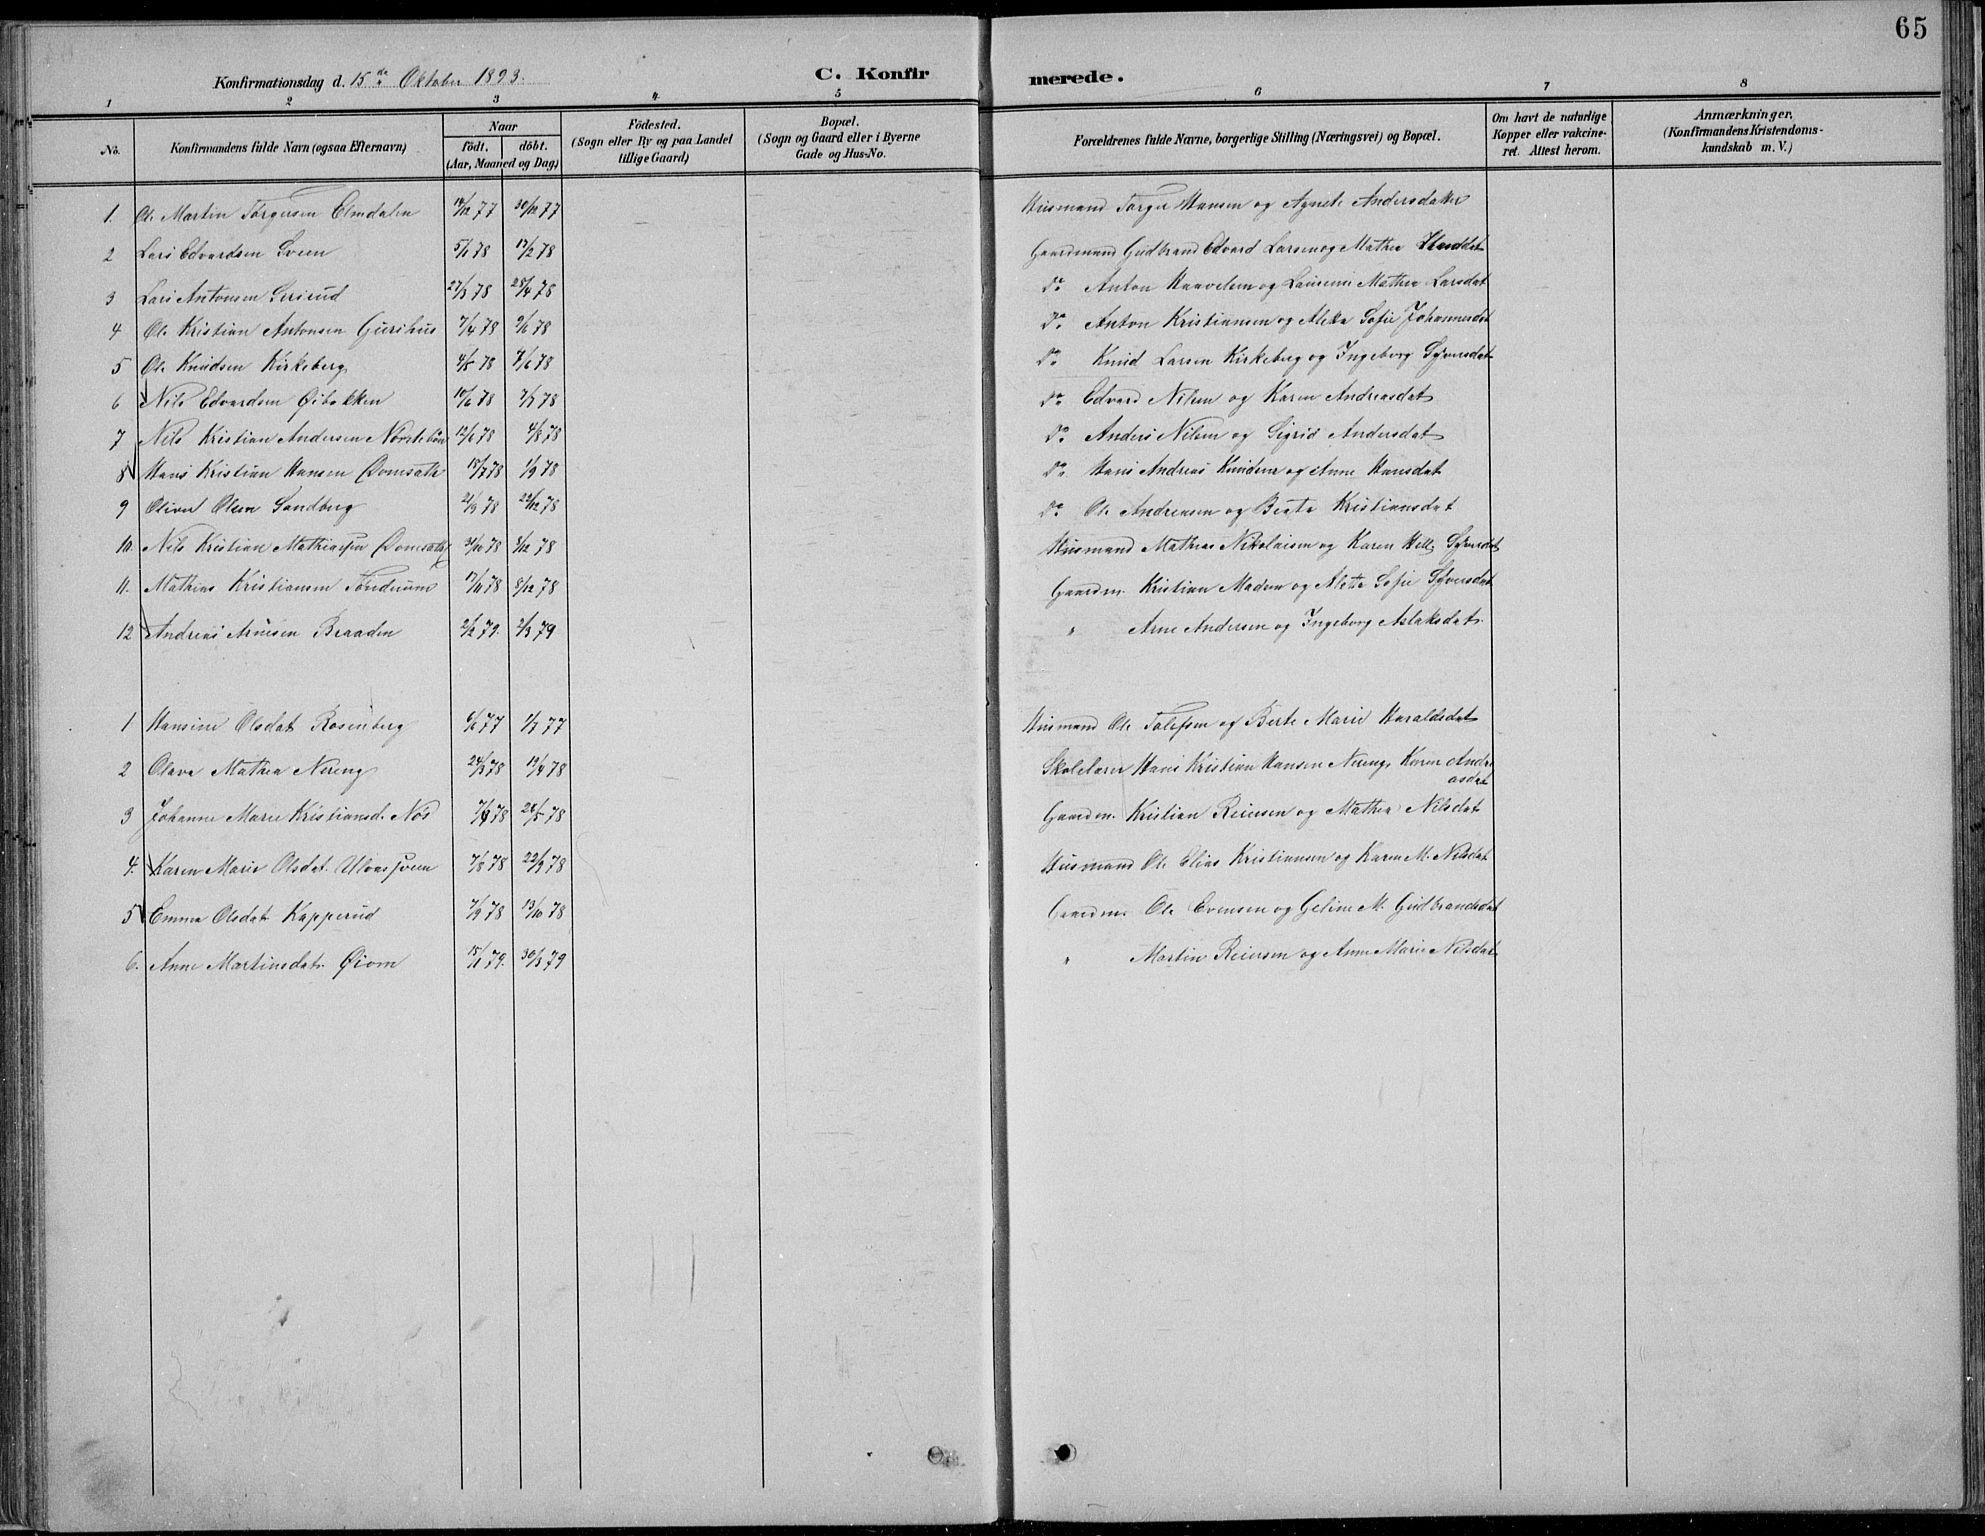 SAH, Nordre Land prestekontor, Klokkerbok nr. 13, 1891-1904, s. 65